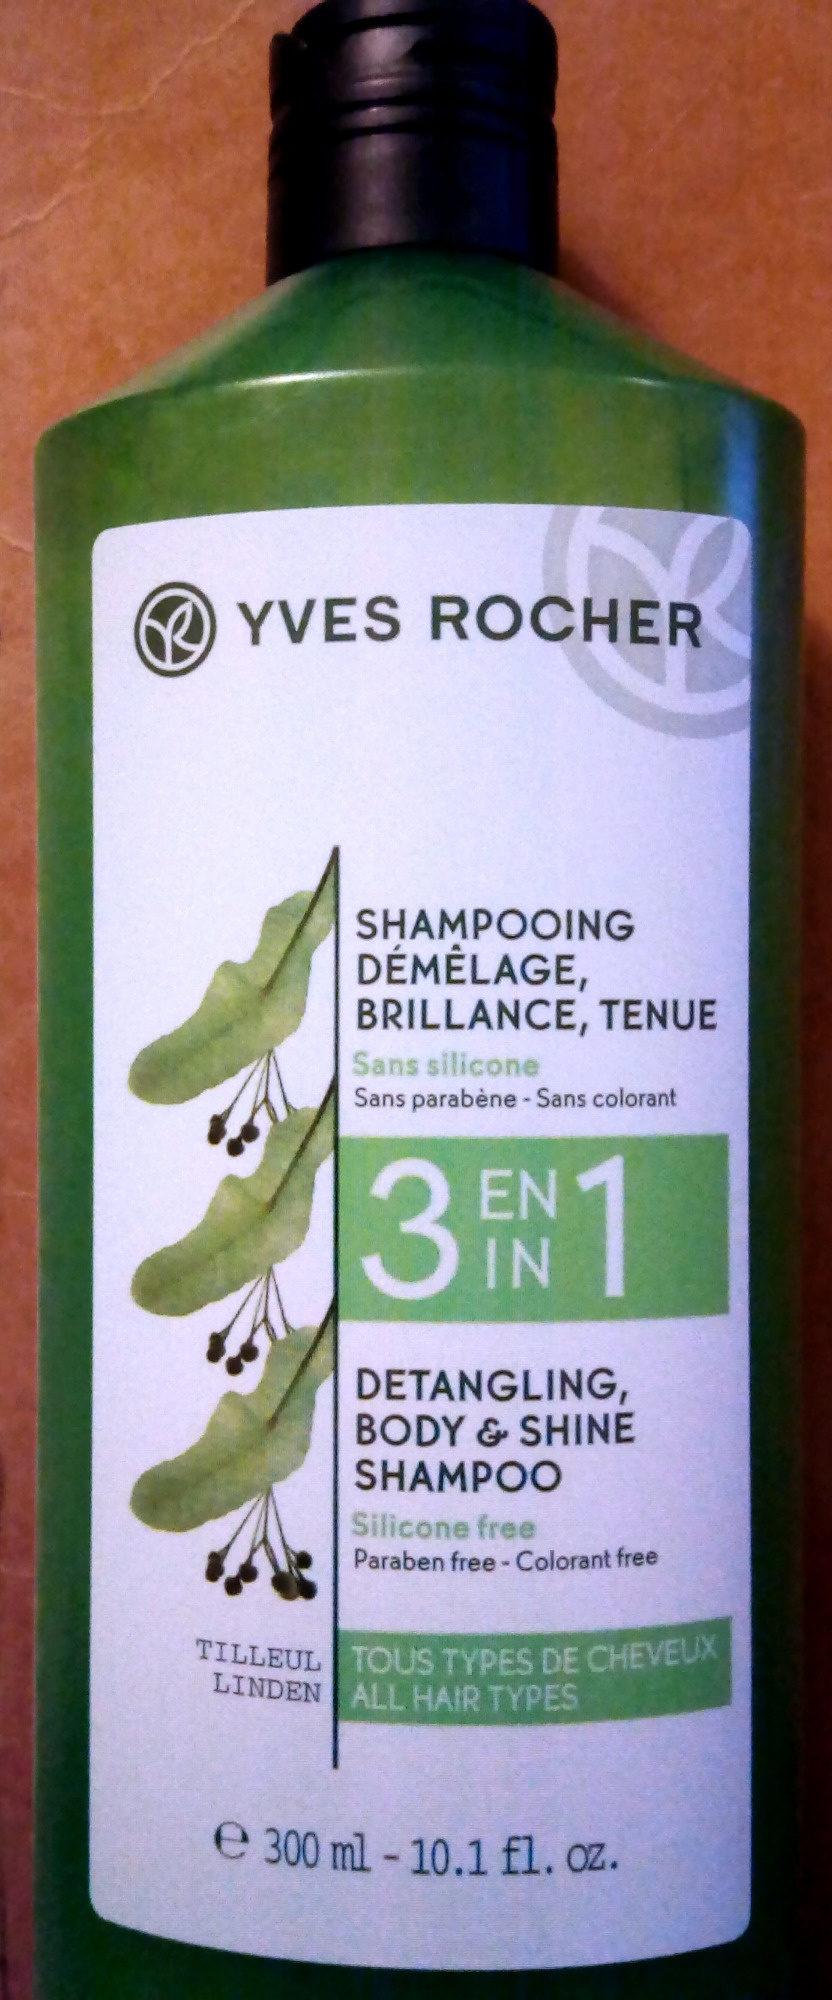 Shampooing démêlage Brillance, Tenue 3 en 1 - Product